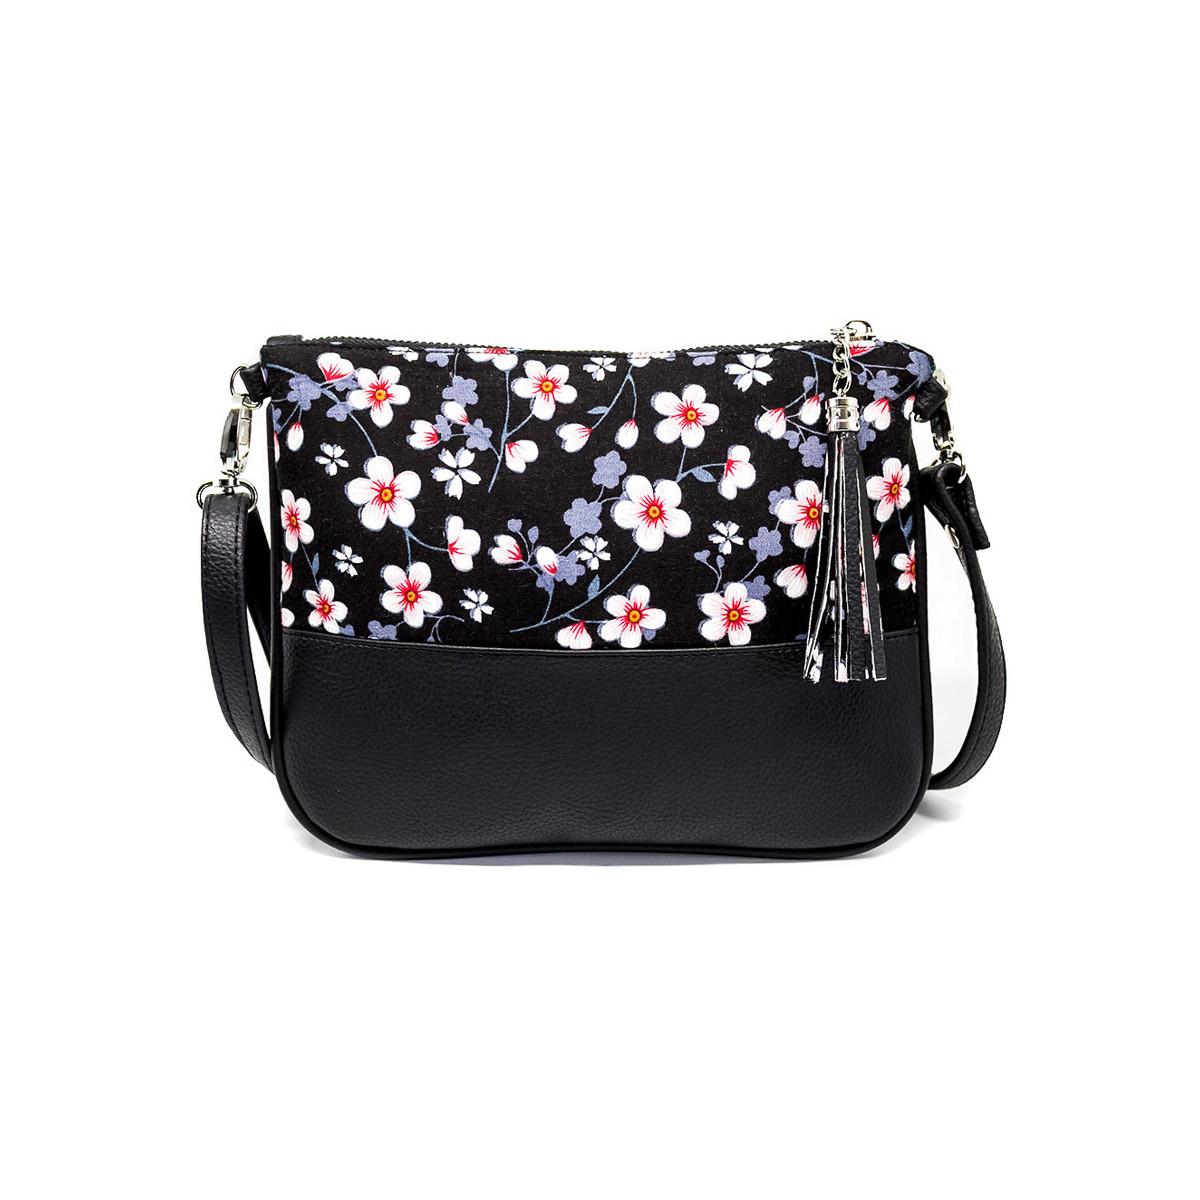 Sac à main pochette femme noir à fleurs